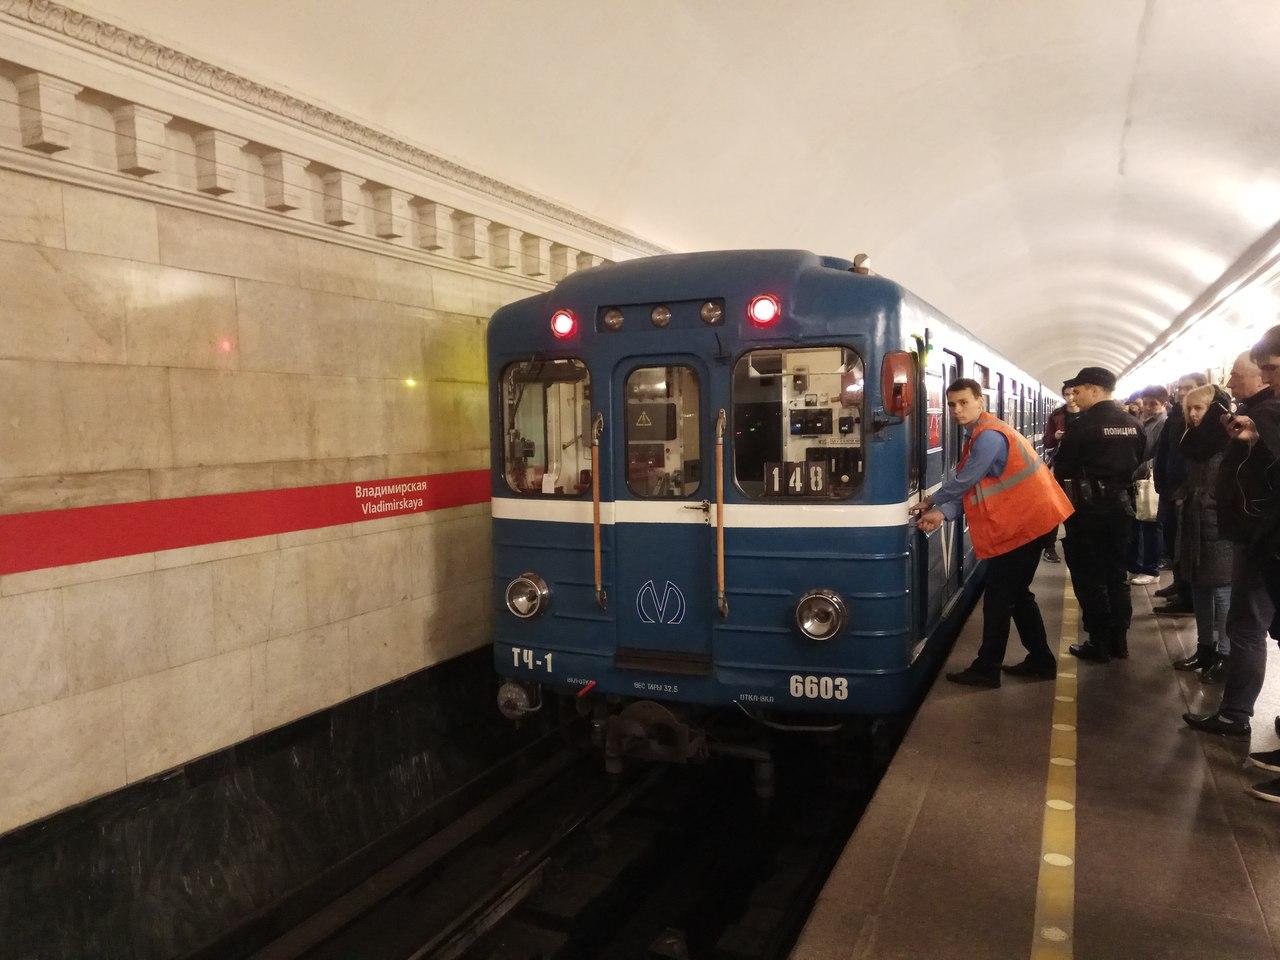 Новый год, но старые проблемы: петербуржцы жалуются на работу метрополитена